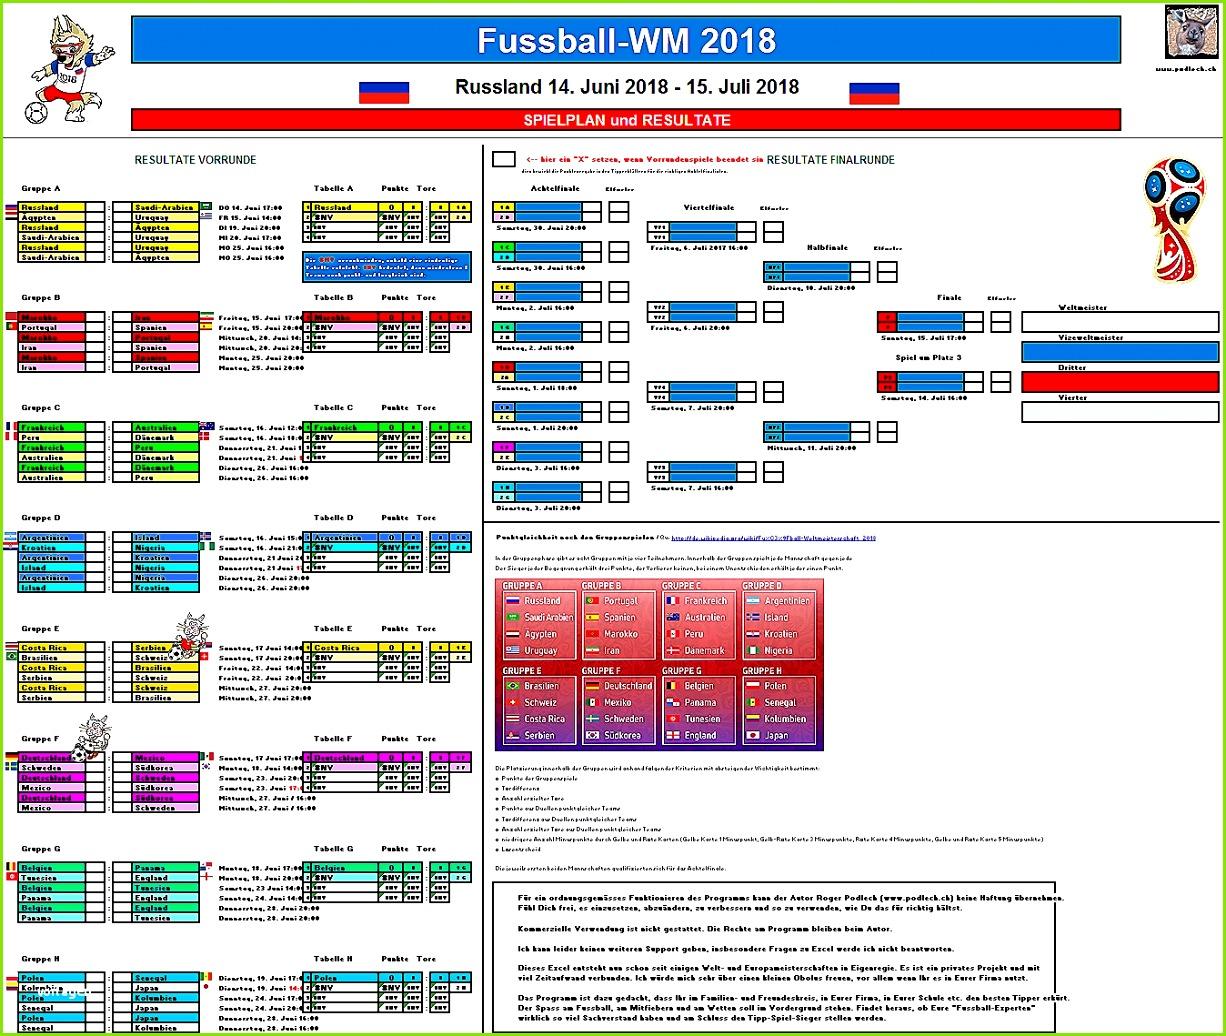 Wm 2018 Tippspiel Excel Vorlage Angenehme Fussball Tippspiel Euro 2016